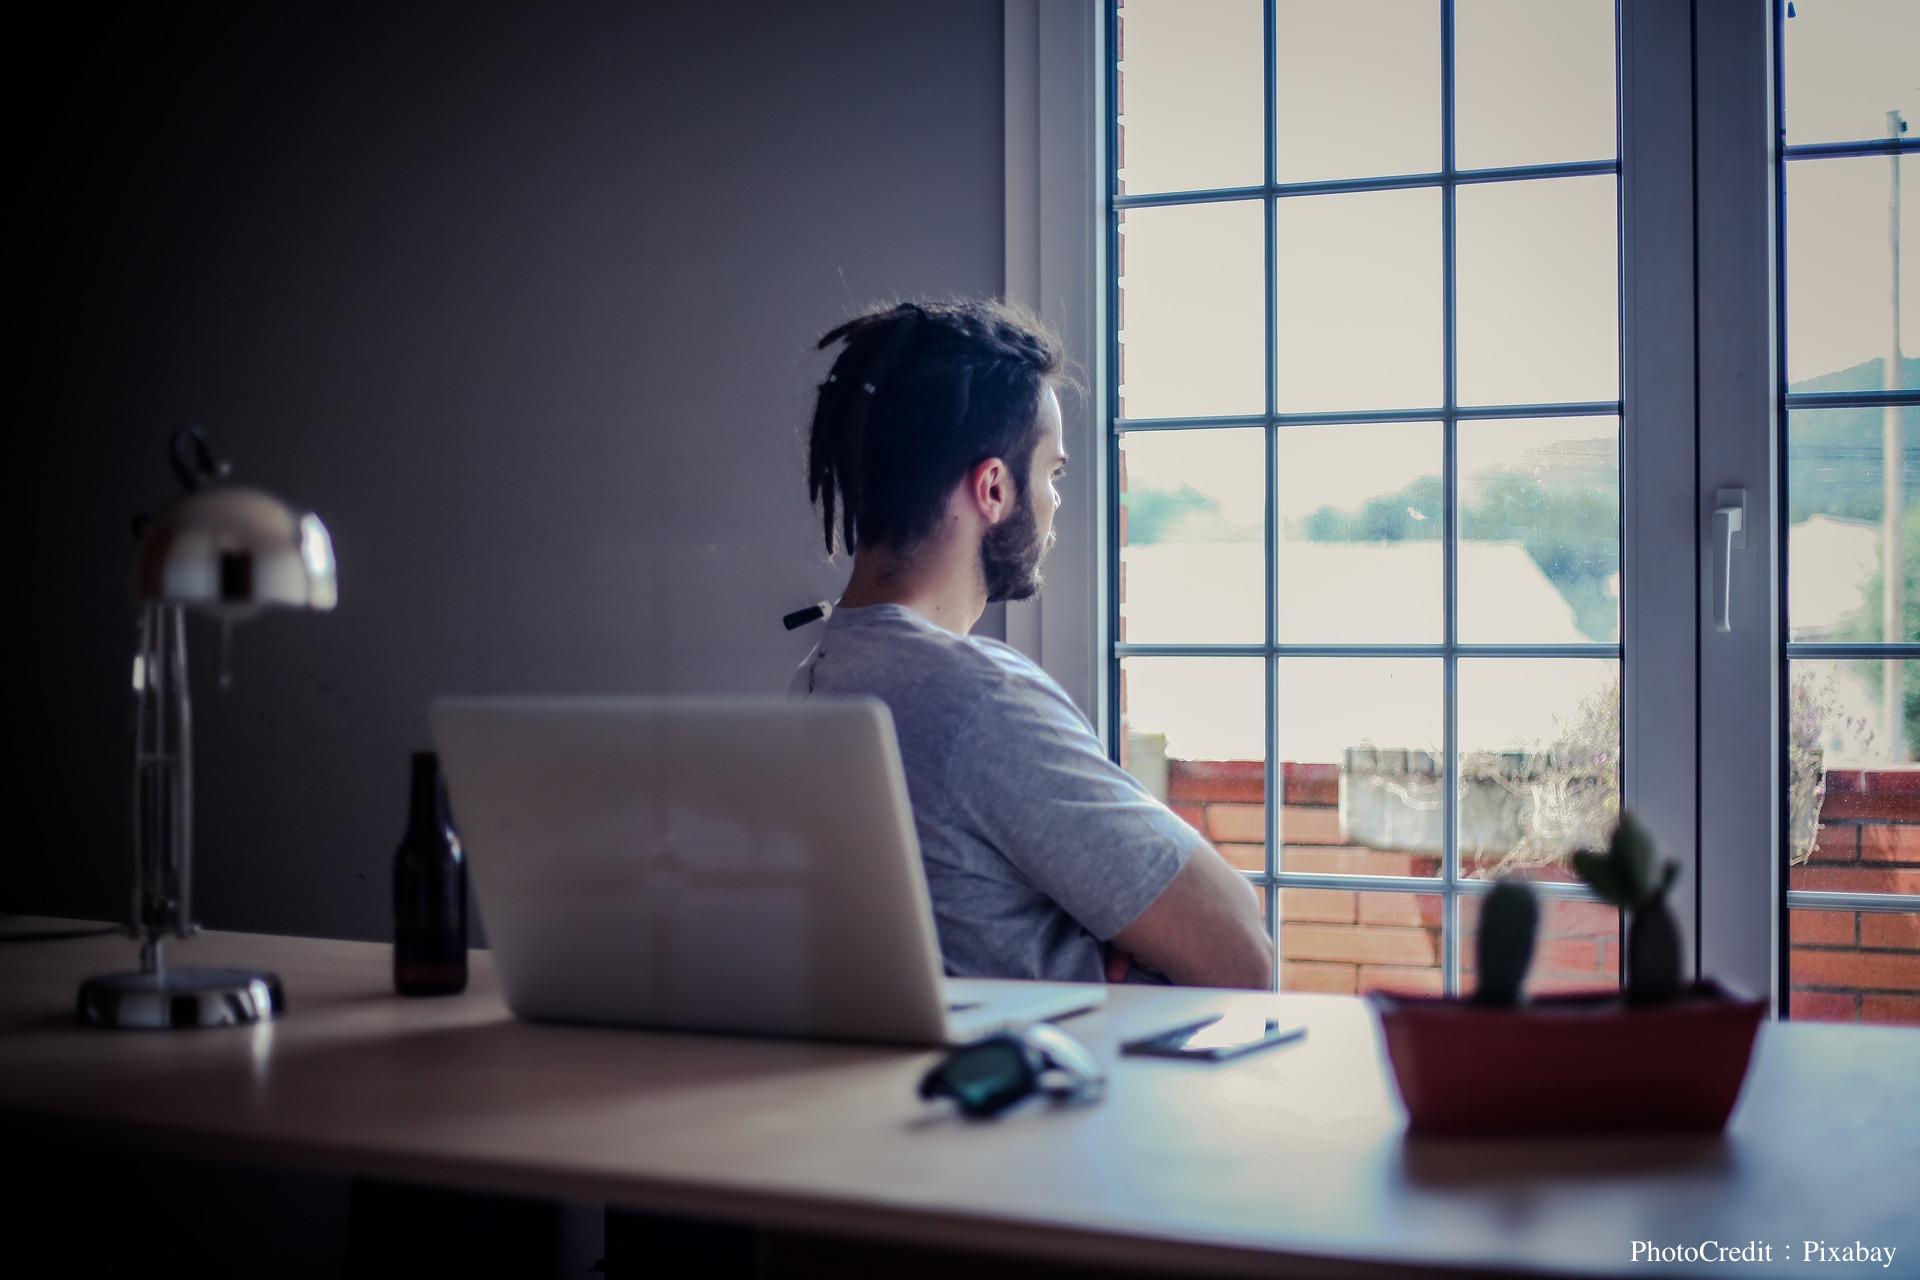 如何在週末時忍住不看Email?這位心理學家教我們3種方法